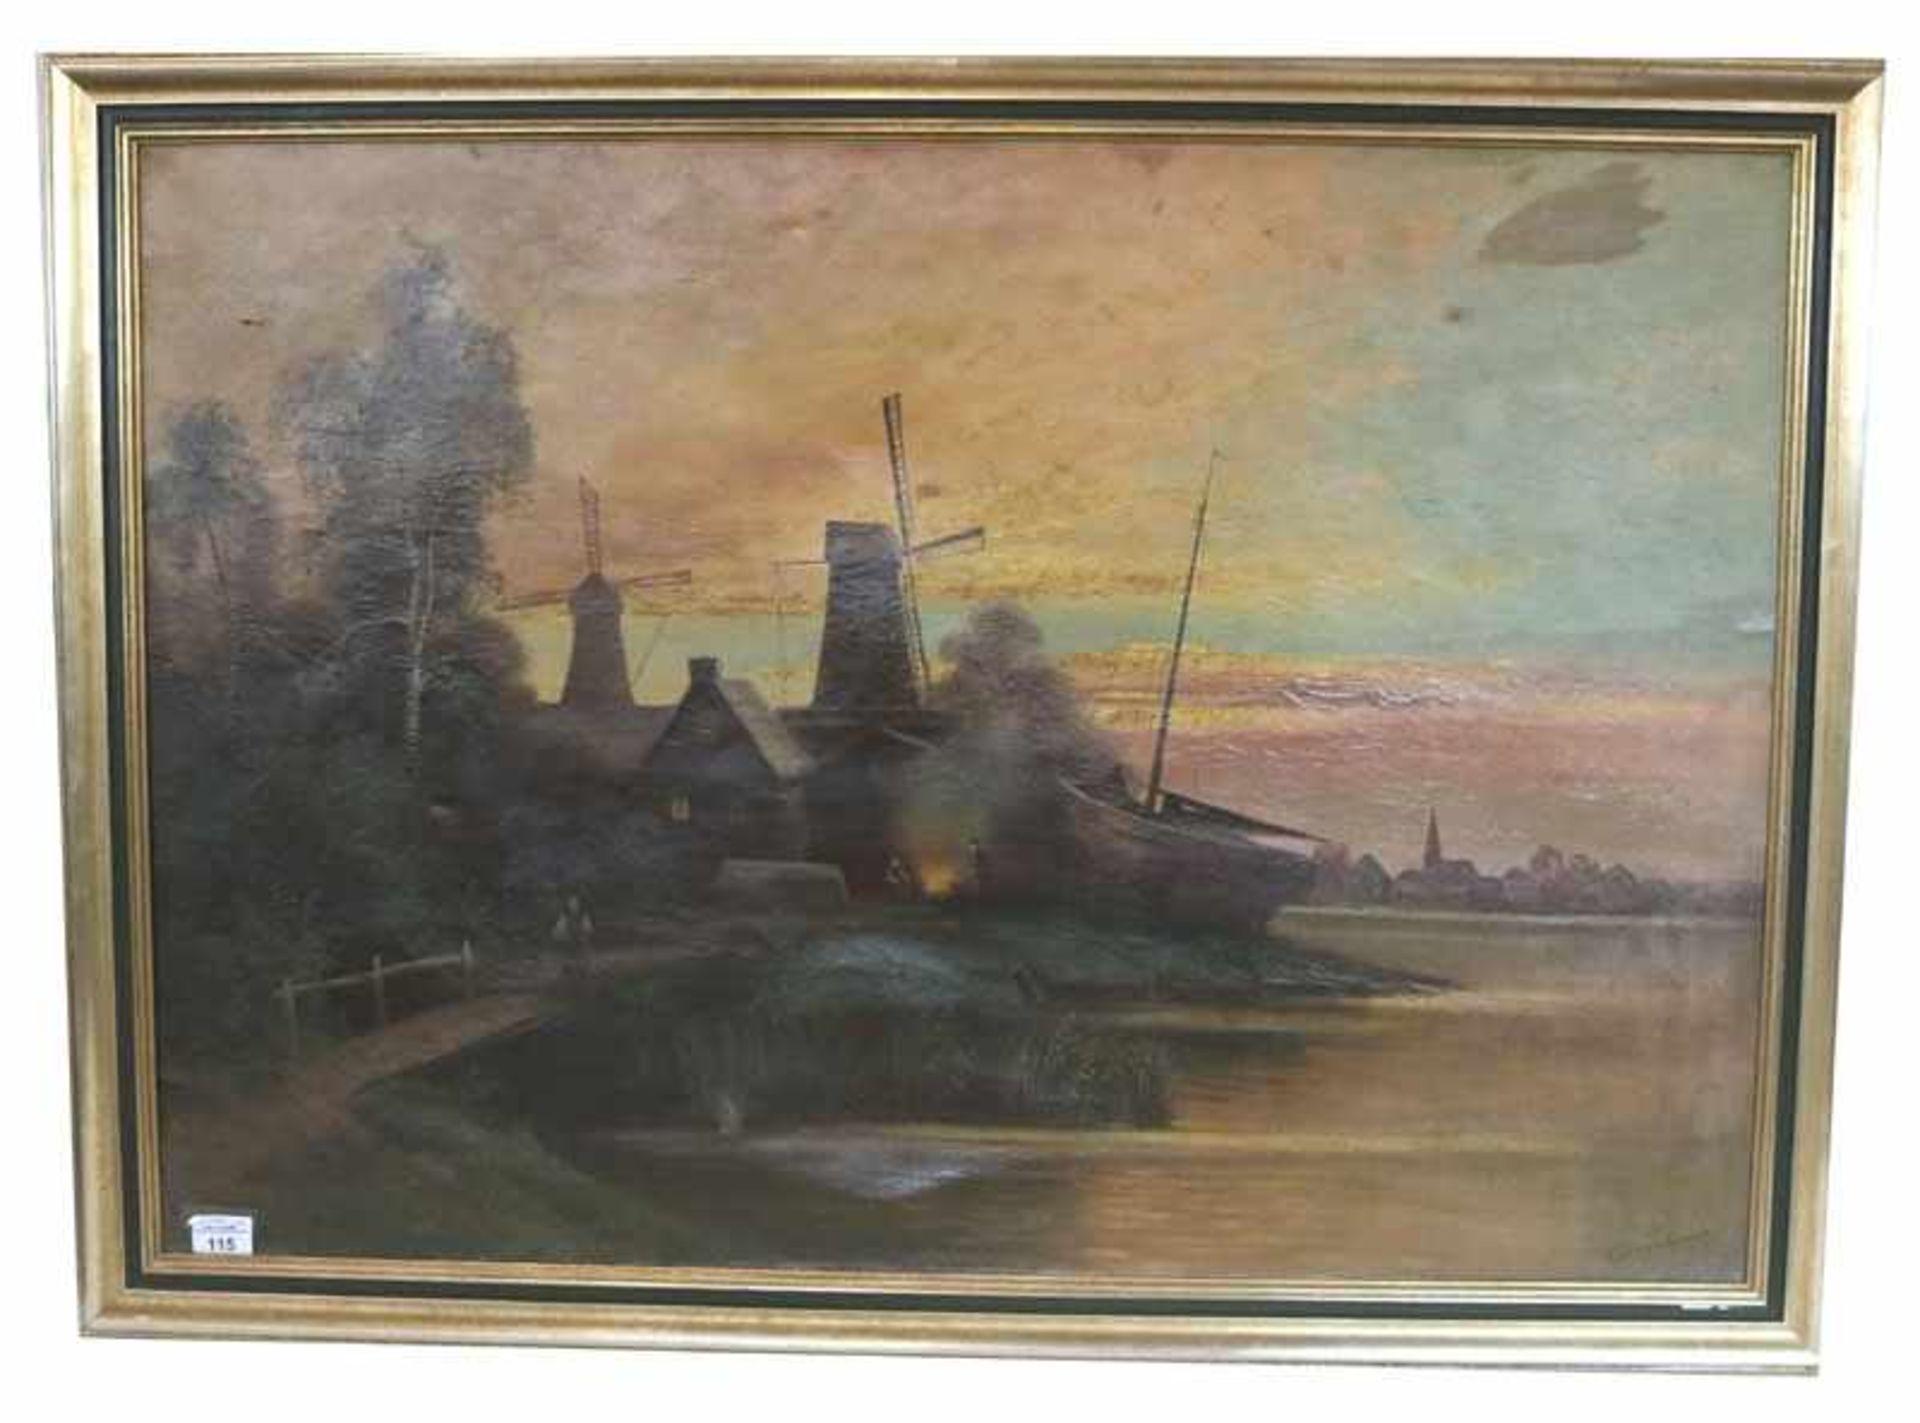 Gemälde ÖL/LW 'Holländische Küsten-Szenerie in Abendstimmung', signiert V. Tunzenhausen ?, LW